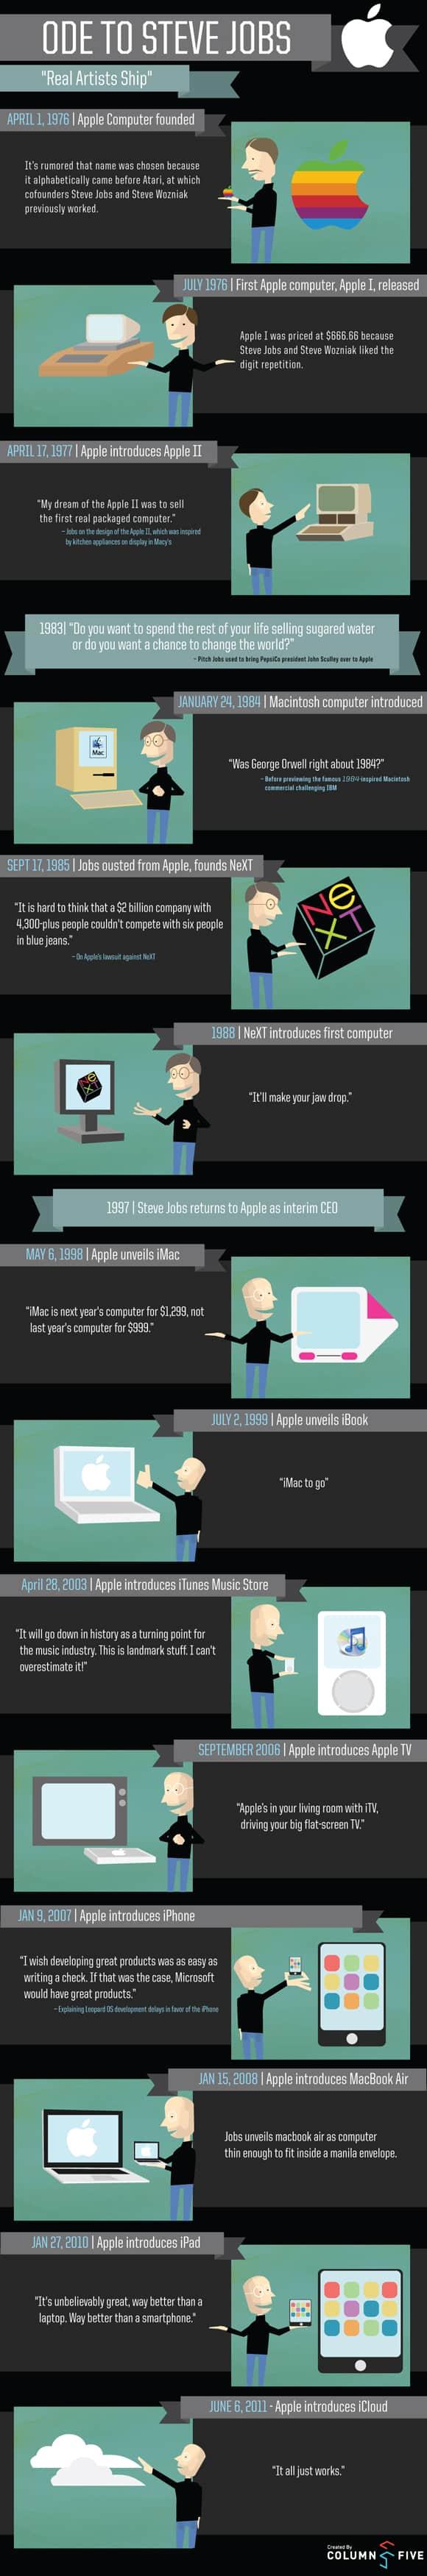 12 steve jobs infographic 18 Stunning Steve Jobs Infographics